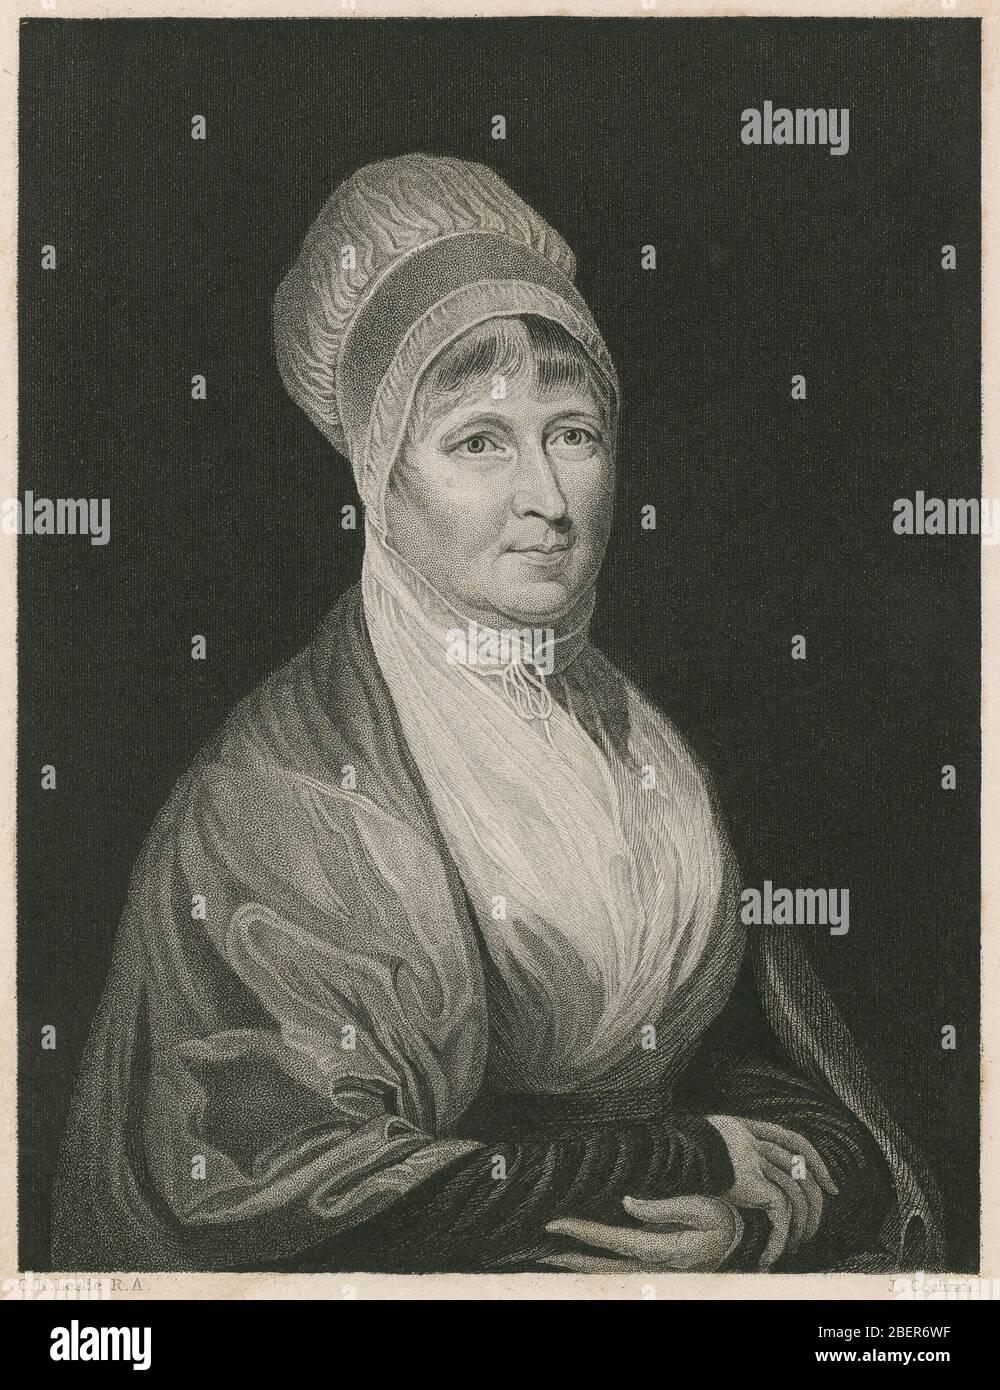 Grabado antiguo, Elizabeth Fry. Elizabeth Fry (1780-1845), a menudo conocida como Betsy Fry, fue reformadora de prisiones inglesa, reformadora social y, como cuáquera, filántropo cristiano. FUENTE: GRABADO ORIGINAL Foto de stock